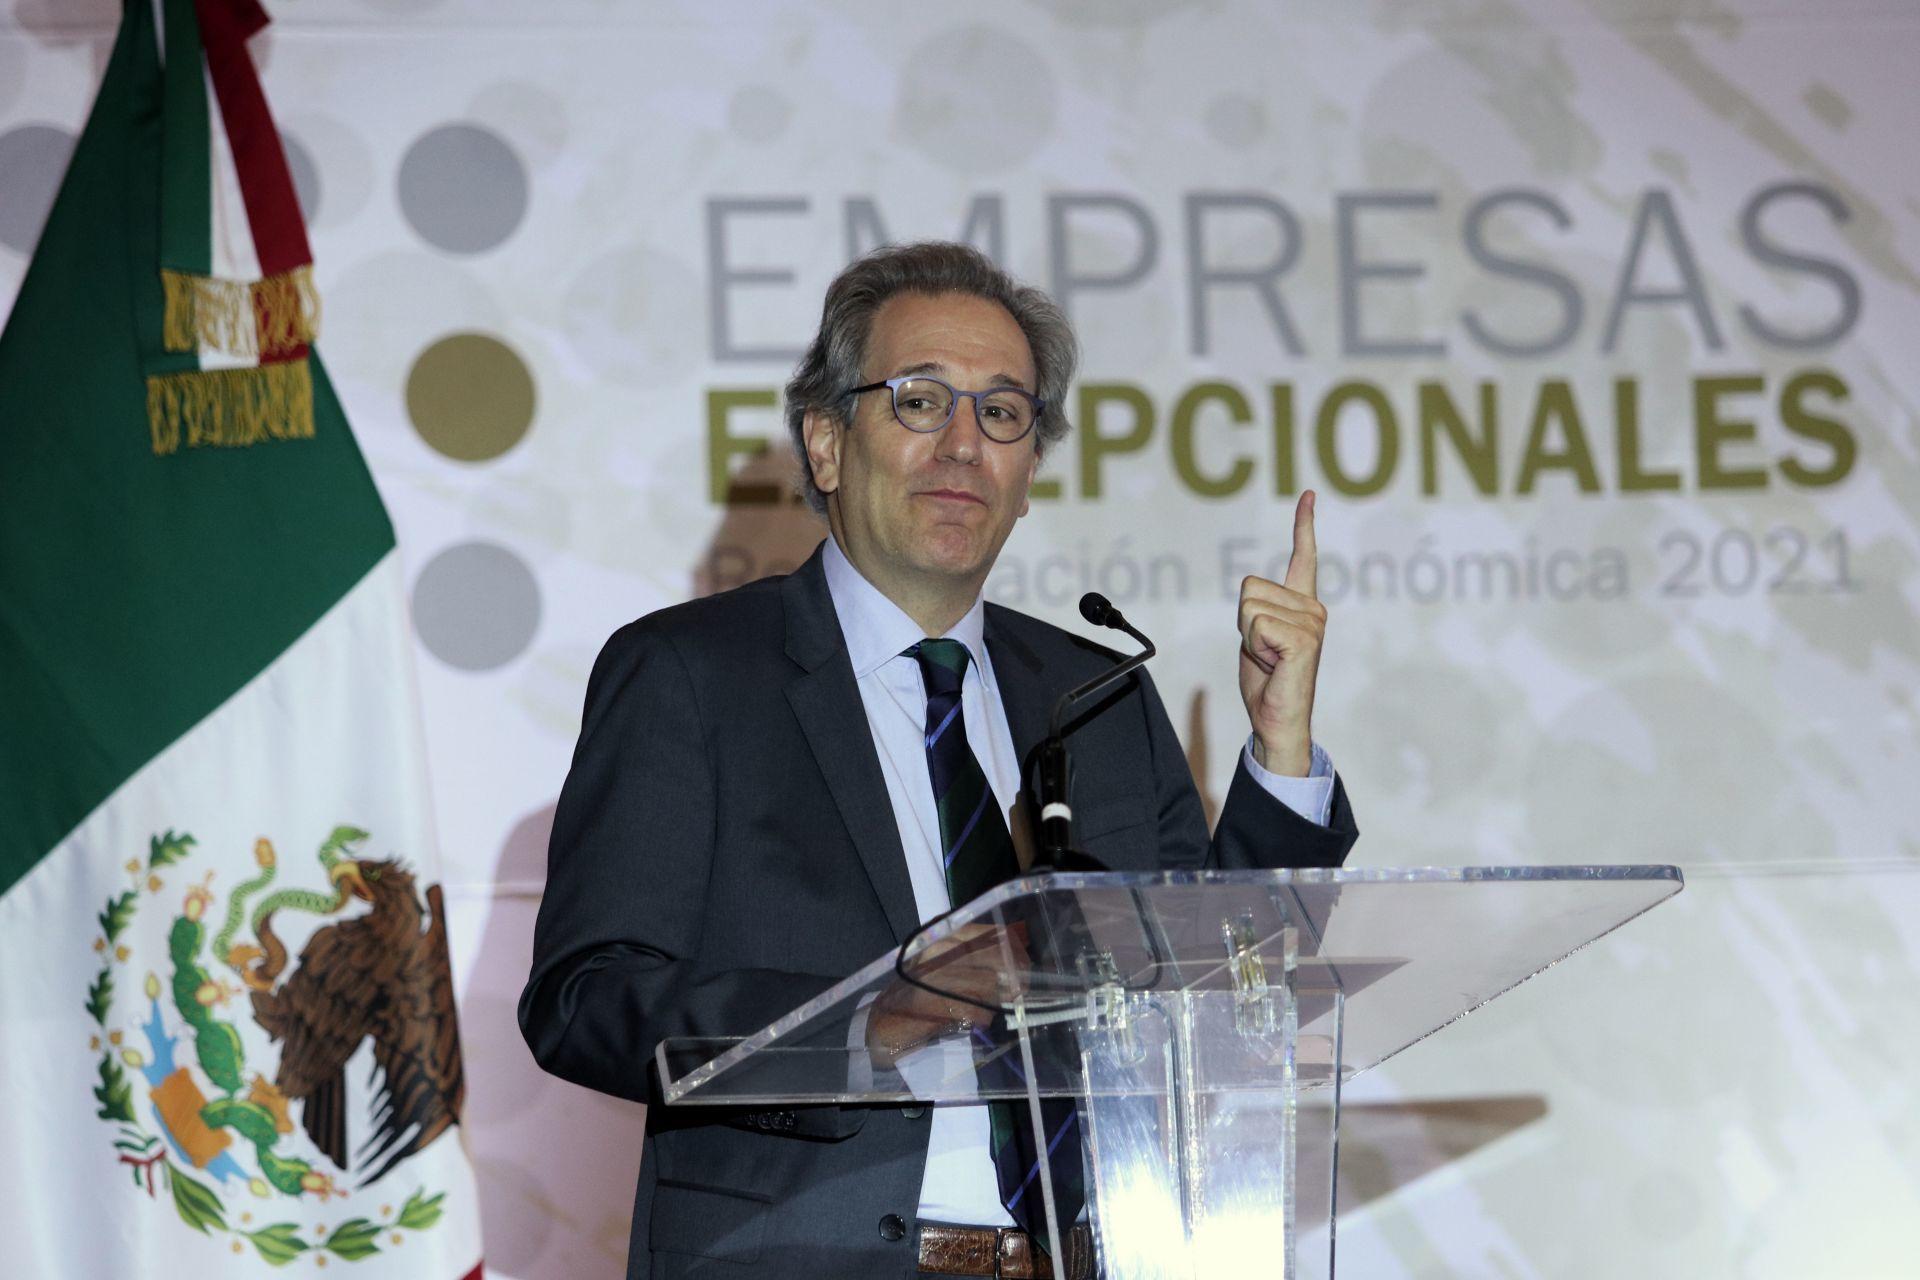 Antonio del Valle Perochena, Presidente del Consejo Mexicano de Negocios (Cuartoscuro)